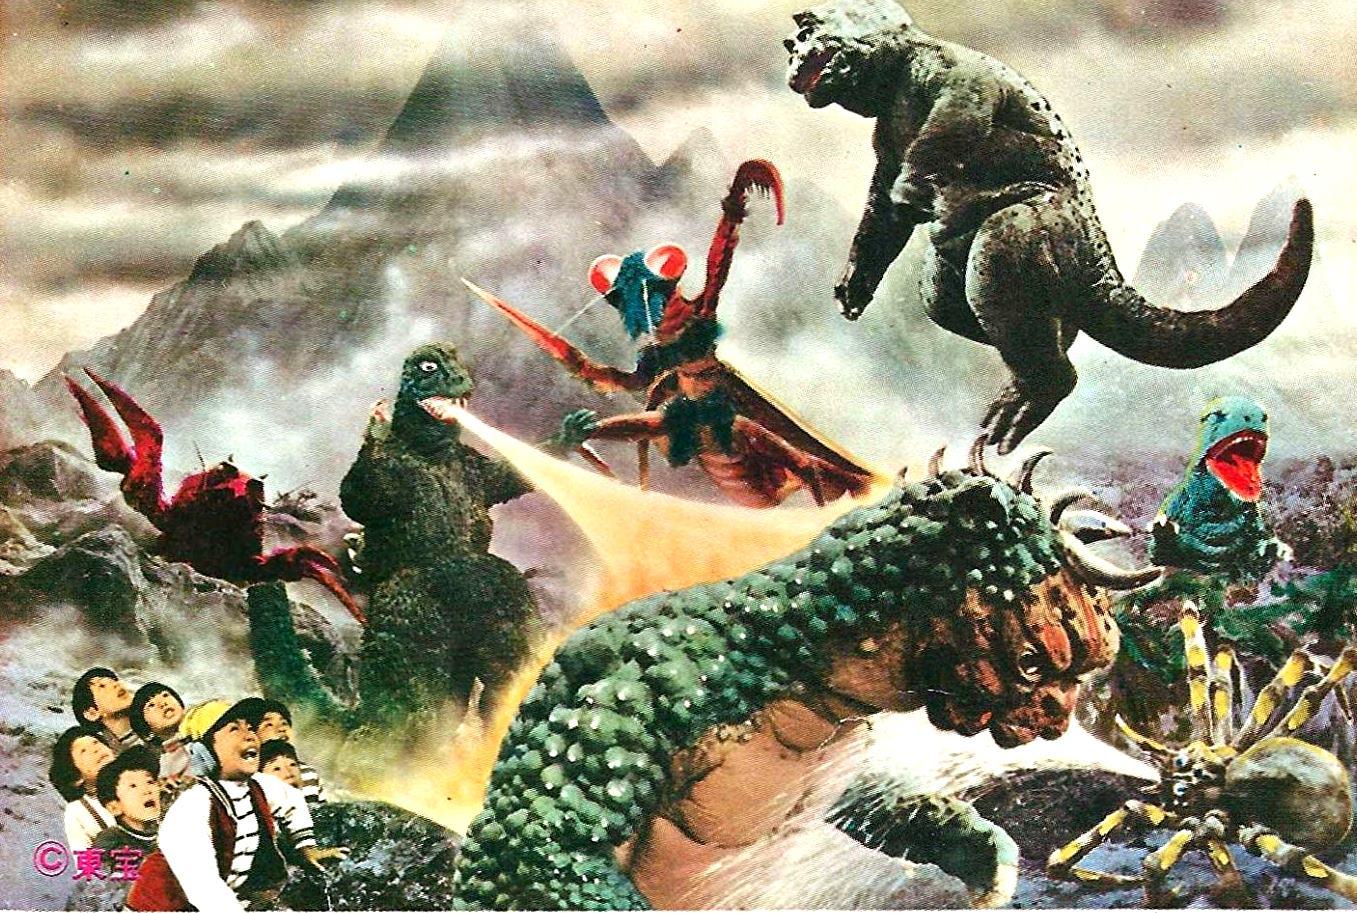 Monster line-up - (l to r) (top row) Ebirah, Godzilla, Kamacurus, Minya, Ganara; (foreground) Manda and Kumonga in Godzilla's Revenge (1969)